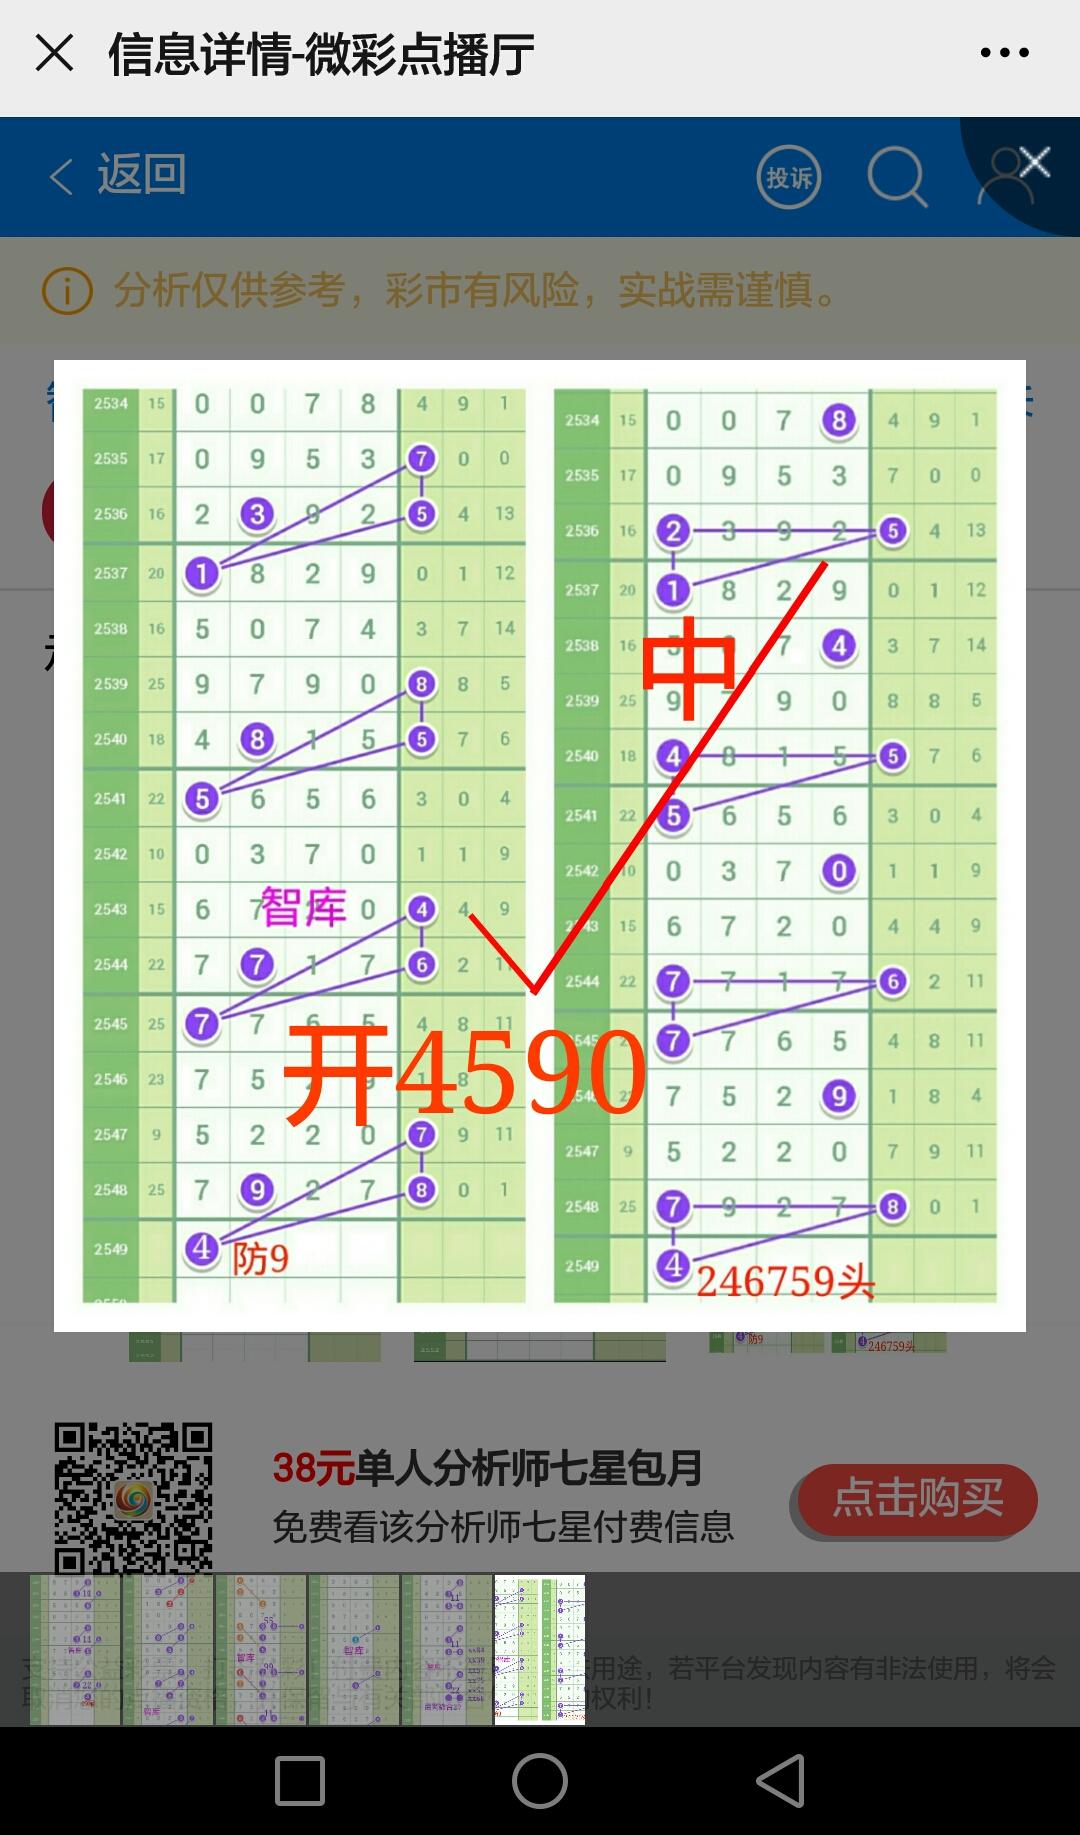 Screenshot_2021-02-21-20-56-22.jpg